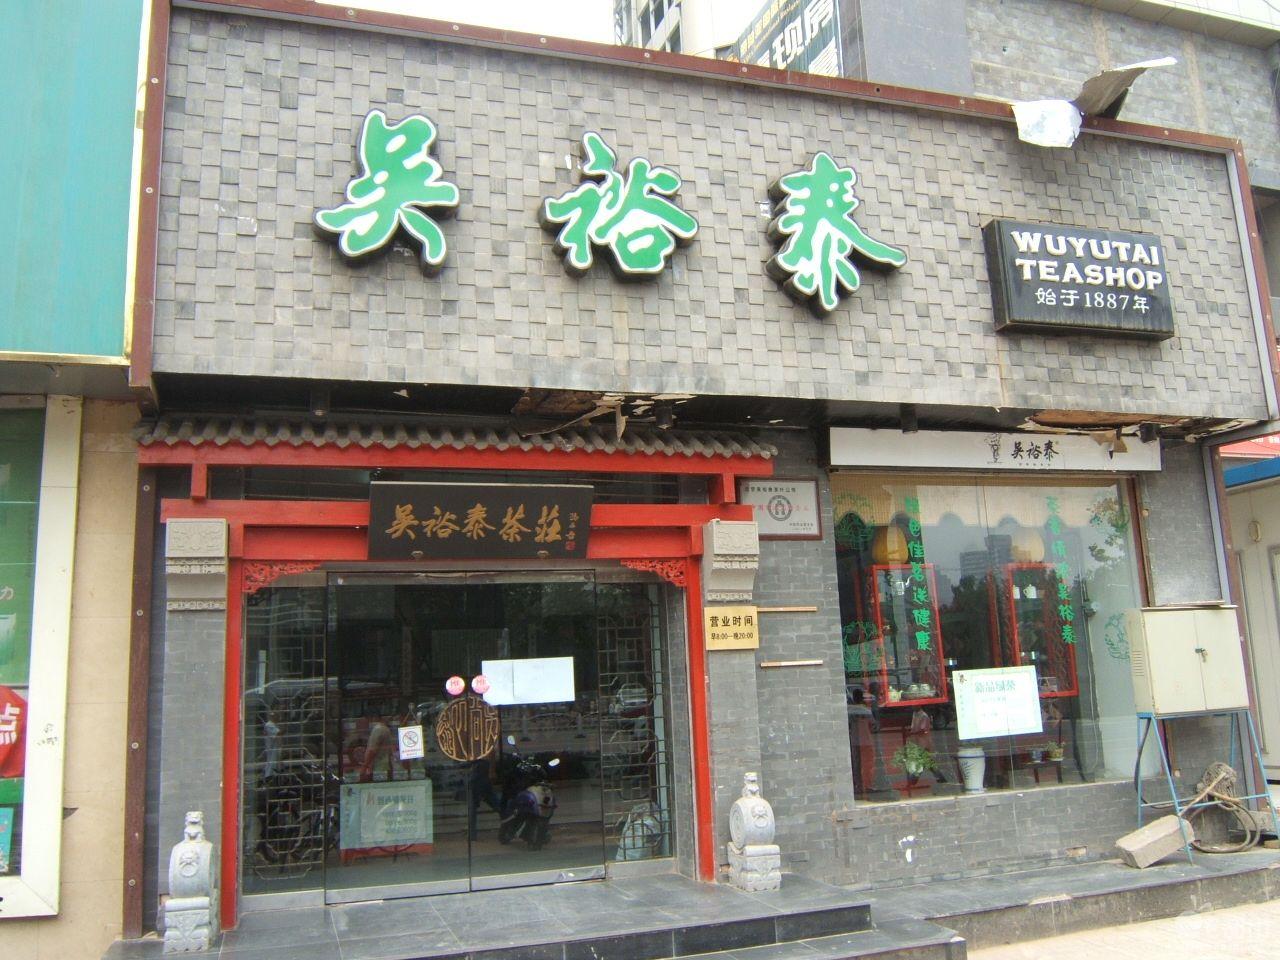 吴裕泰|吴裕泰茶叶|吴裕泰茶叶加盟|吴裕泰茶叶